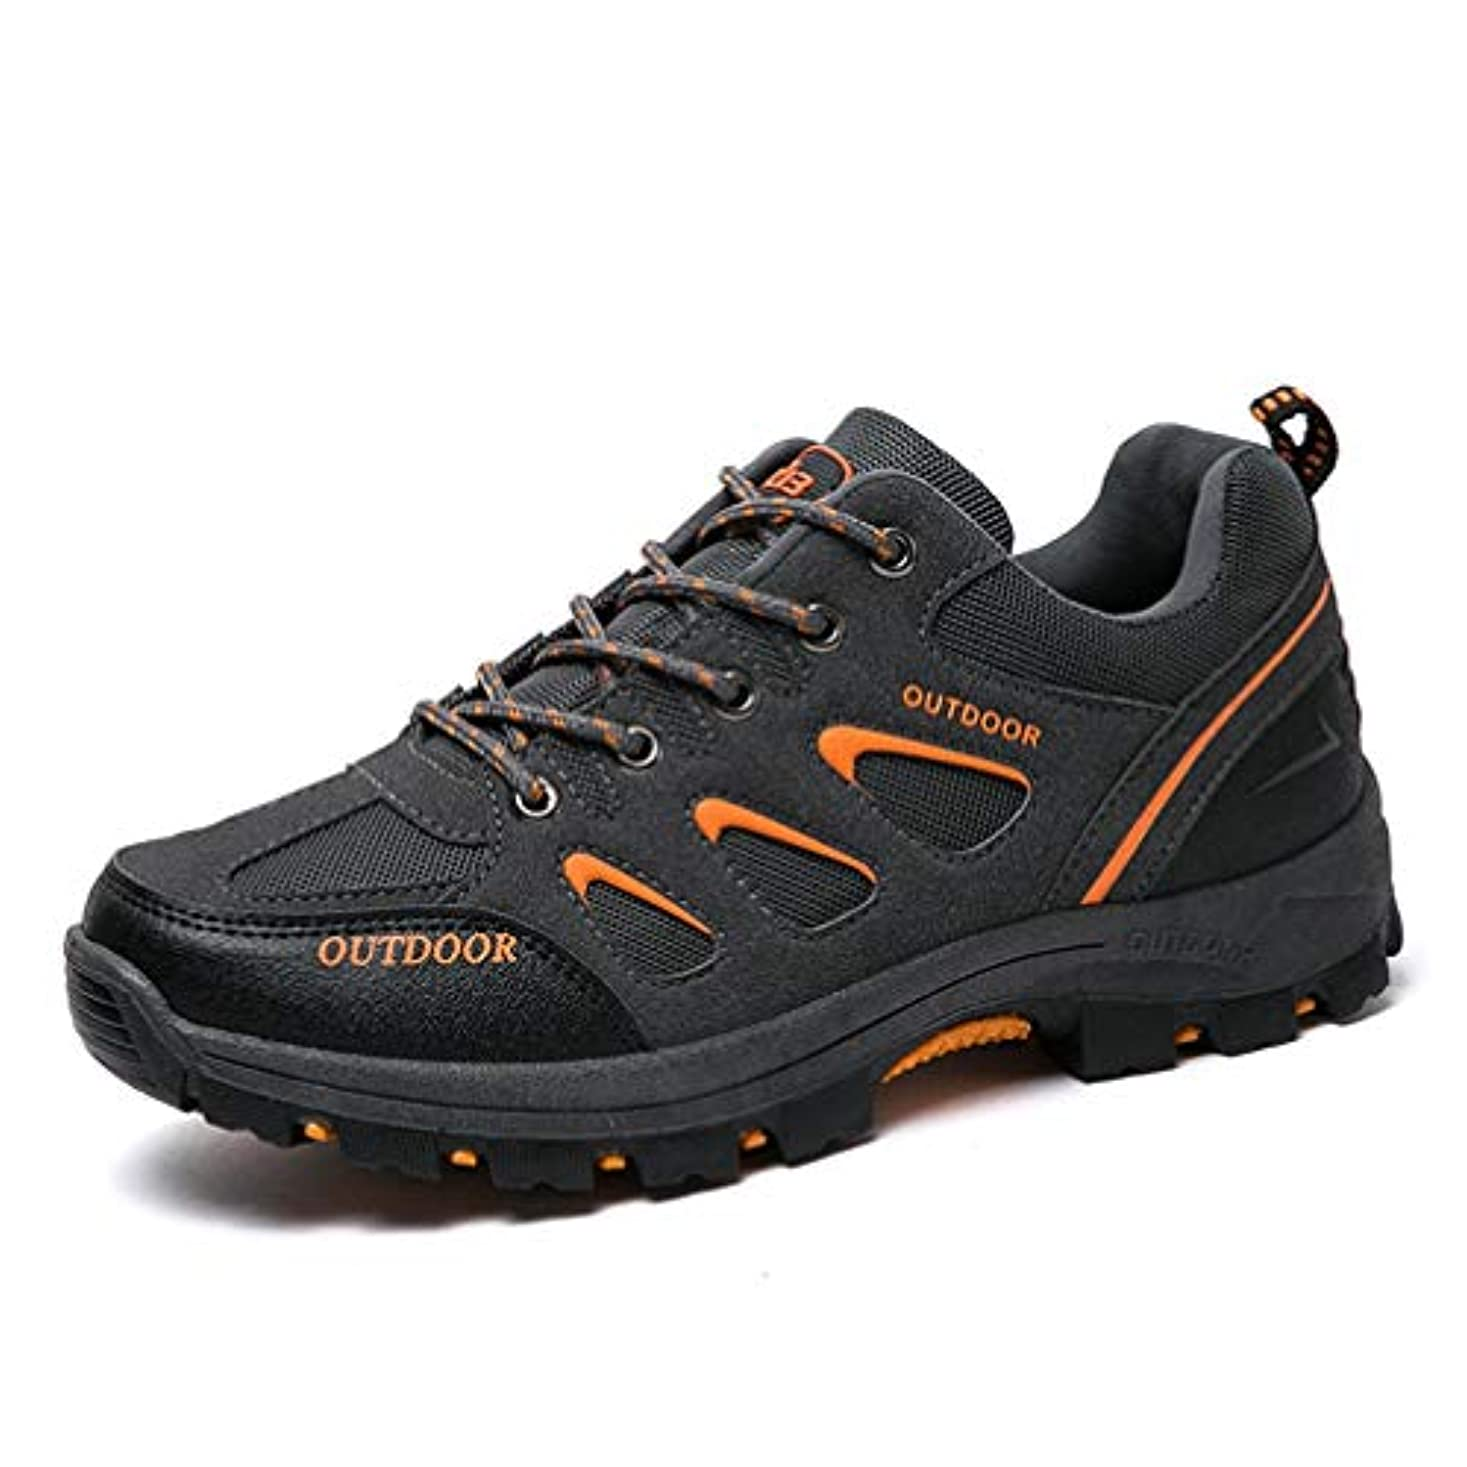 学部悲惨な知る大きいサイズ トレッキングシューズ メンズ 登山靴 ハイキング ランニング ジョギング 防水 ローカット アウトドア 通気 軽い 滑り止め おしゃれ 茶 ダークグリーン グレー 27cm